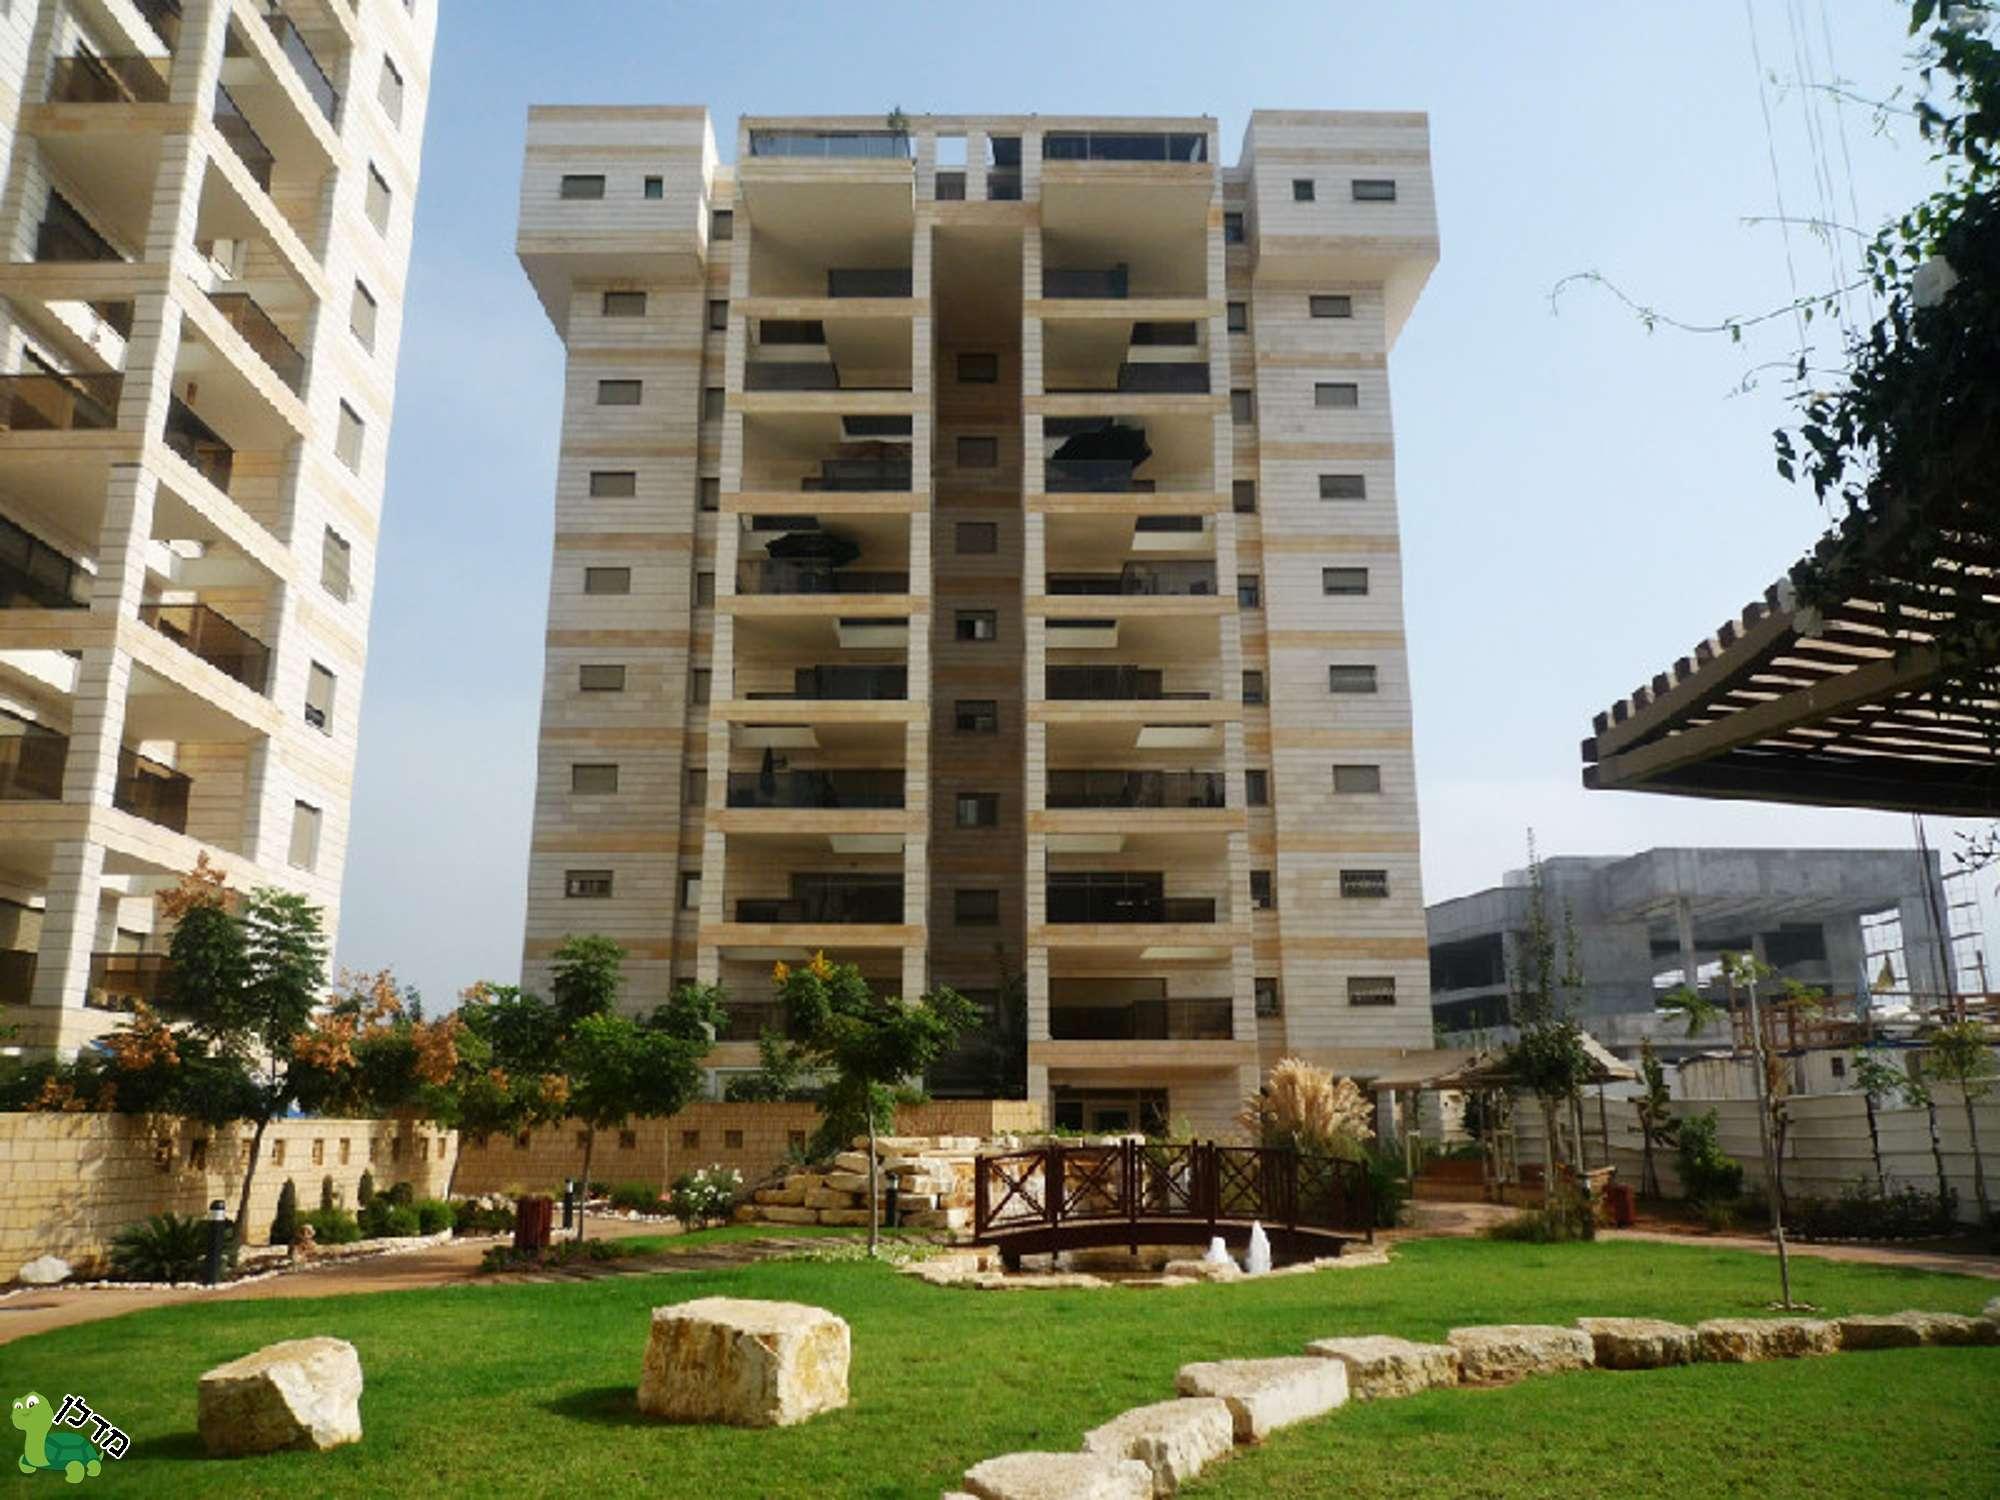 מאוד דירות למכירה באם המושבות החדשה, פתח תקווה - 104 דירות באזור TQ-97